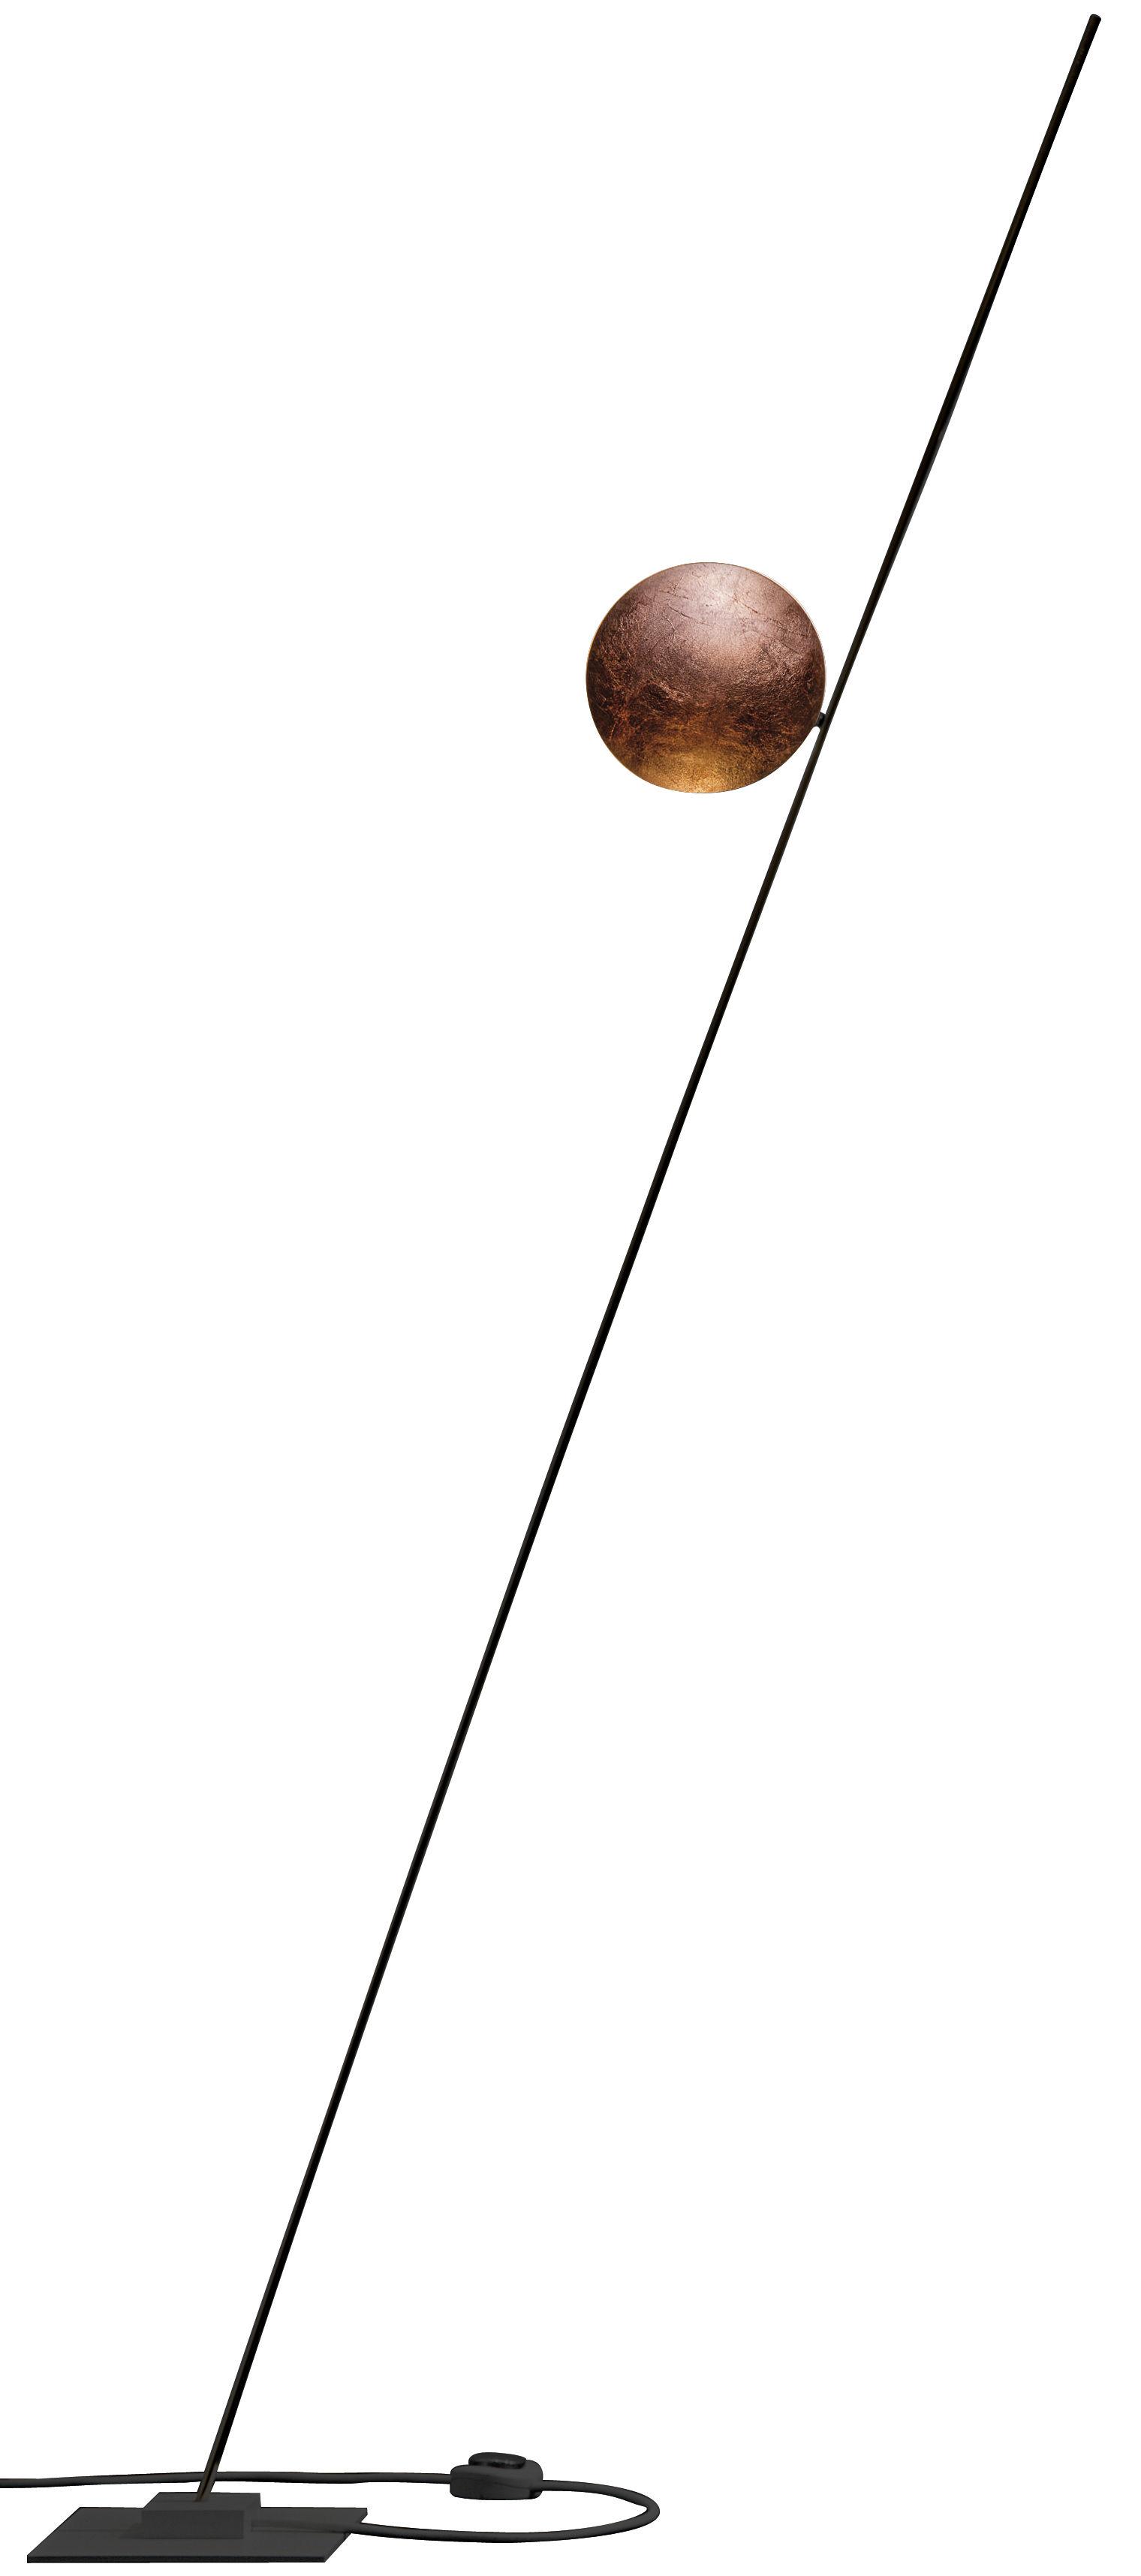 Leuchten - Stehleuchten - Lederam F1 Stehleuchte / LED - H 175 cm - Catellani & Smith - Schale Kupfer / Lampenfuß schwarz / Sockel schwarz - Aluminium, bemaltes Metall, Feuilles de cuivre